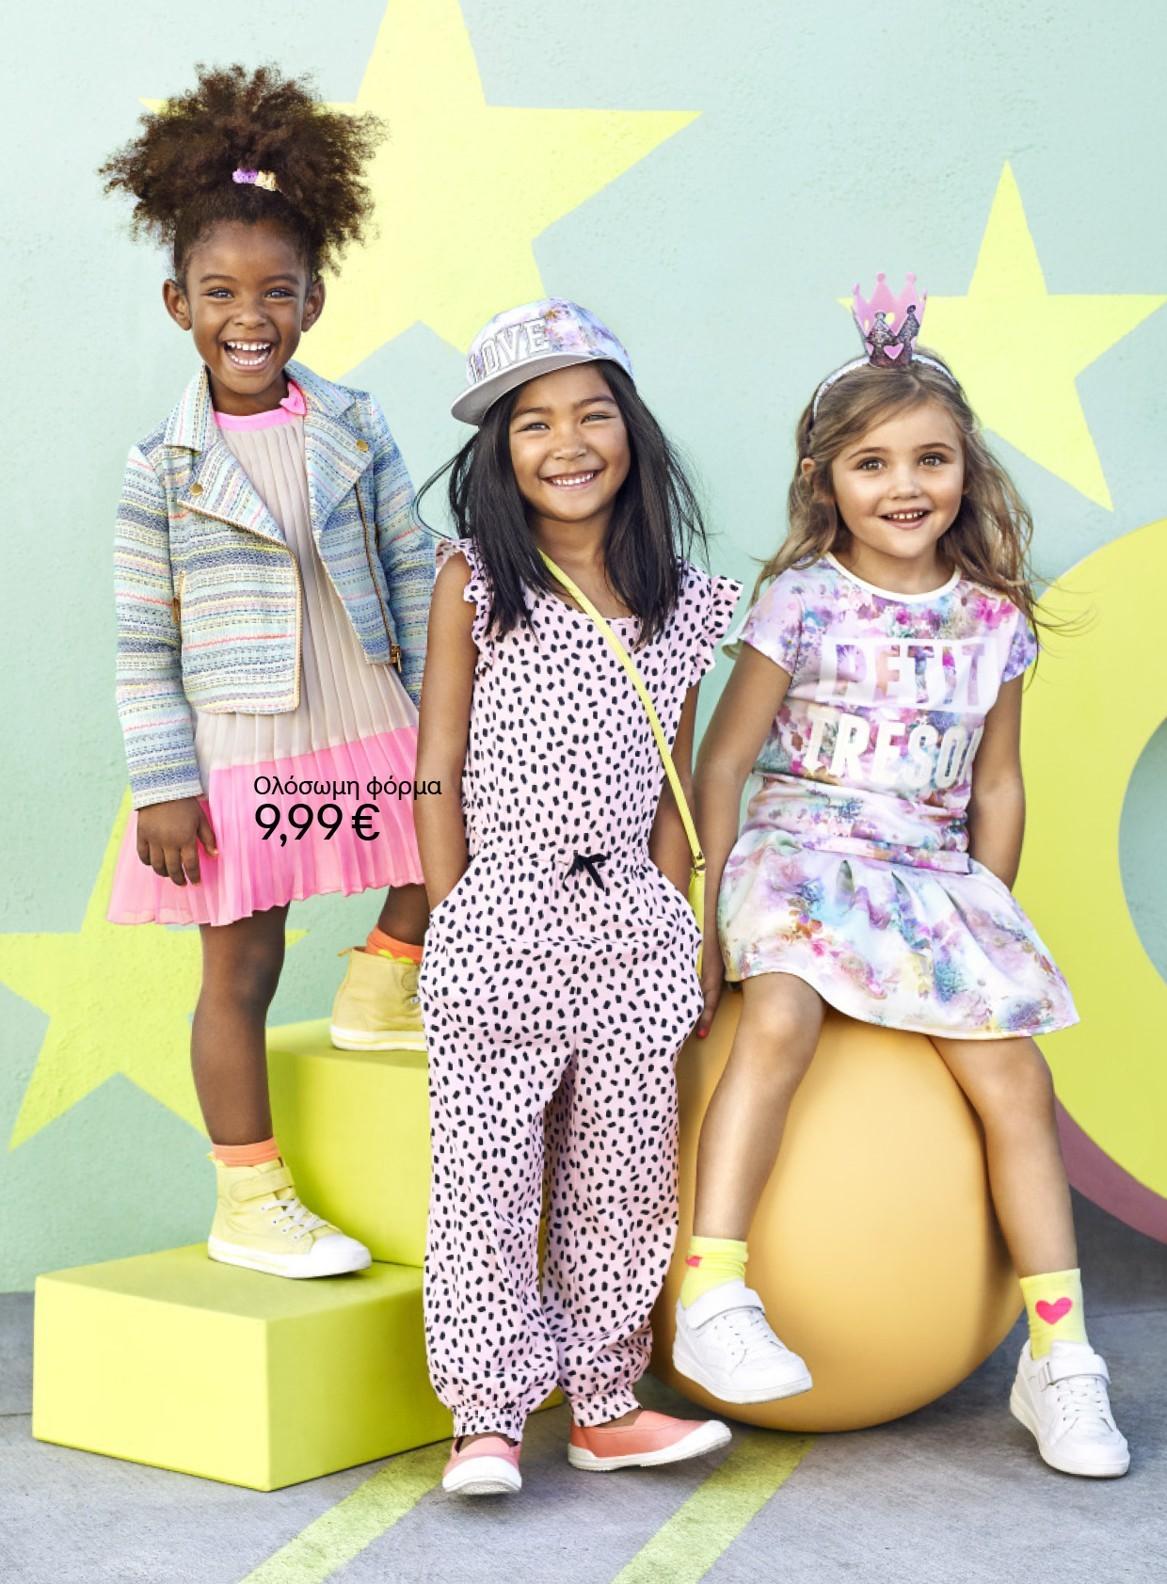 b1af8774c48 Η παιδική γκαρνταρόμπα γεμίζει χρώμα και χαρά τόσο για τα κορίτσια όσο και  για τα αγόρια όλων των ηλικιών!